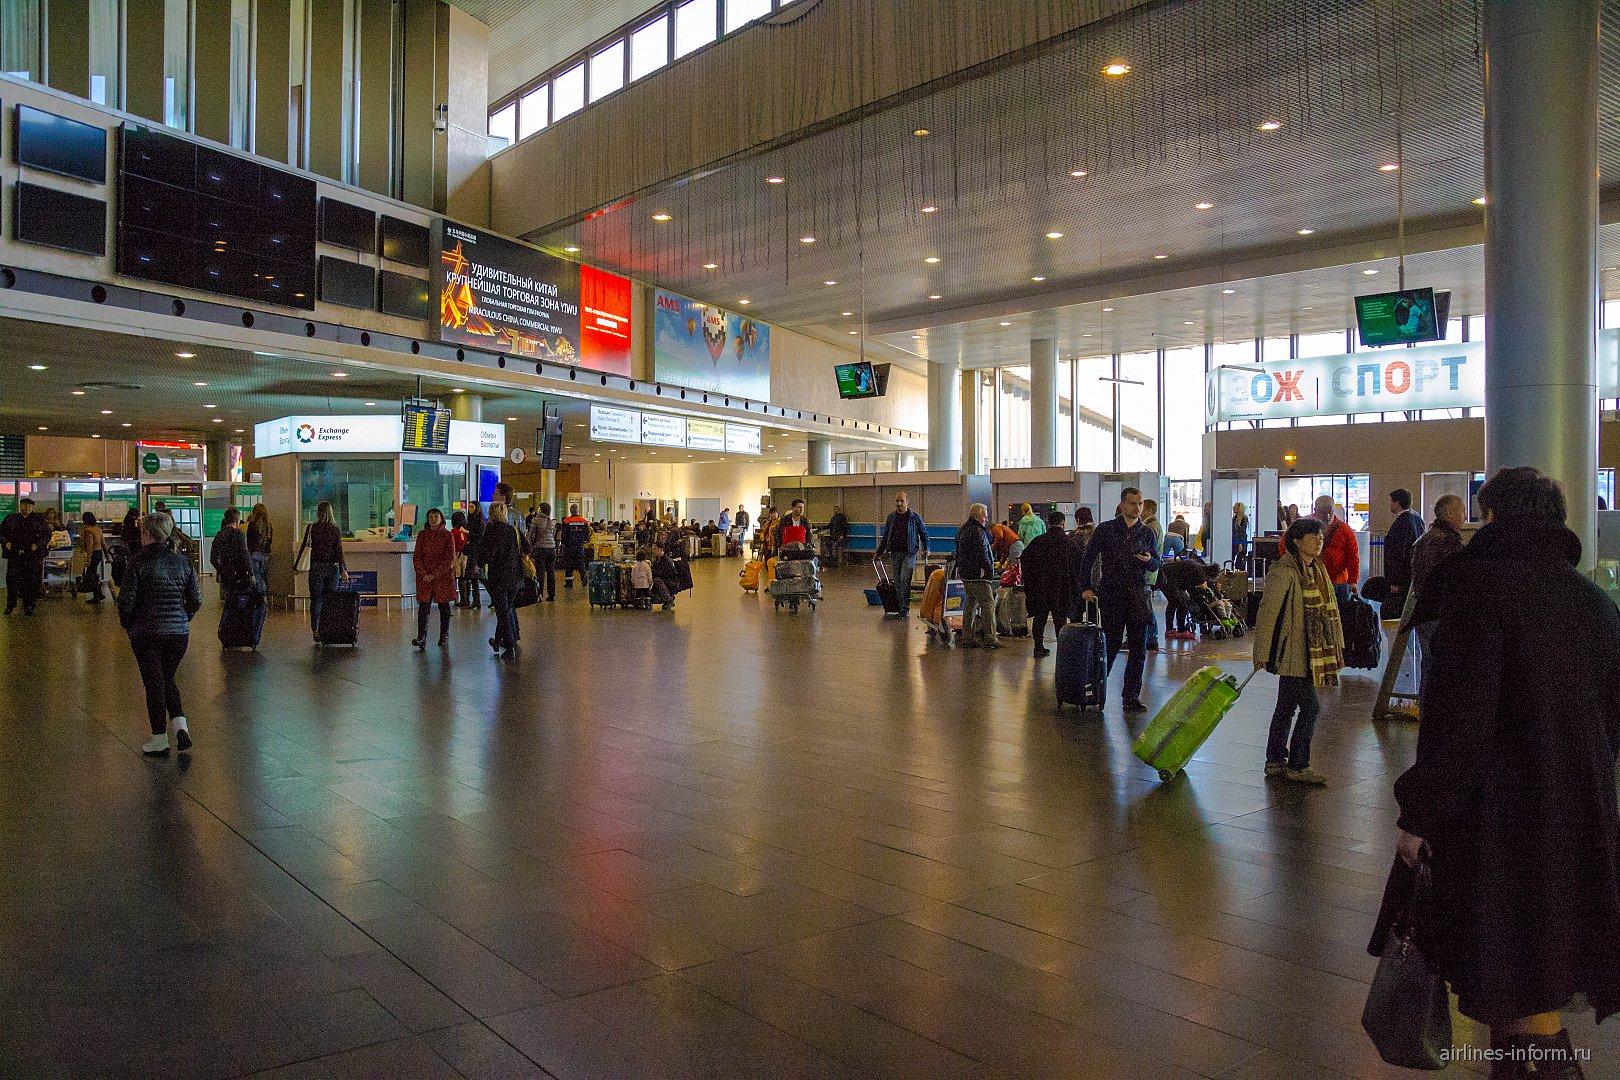 В терминале F аэропорта Москва Шереметьево